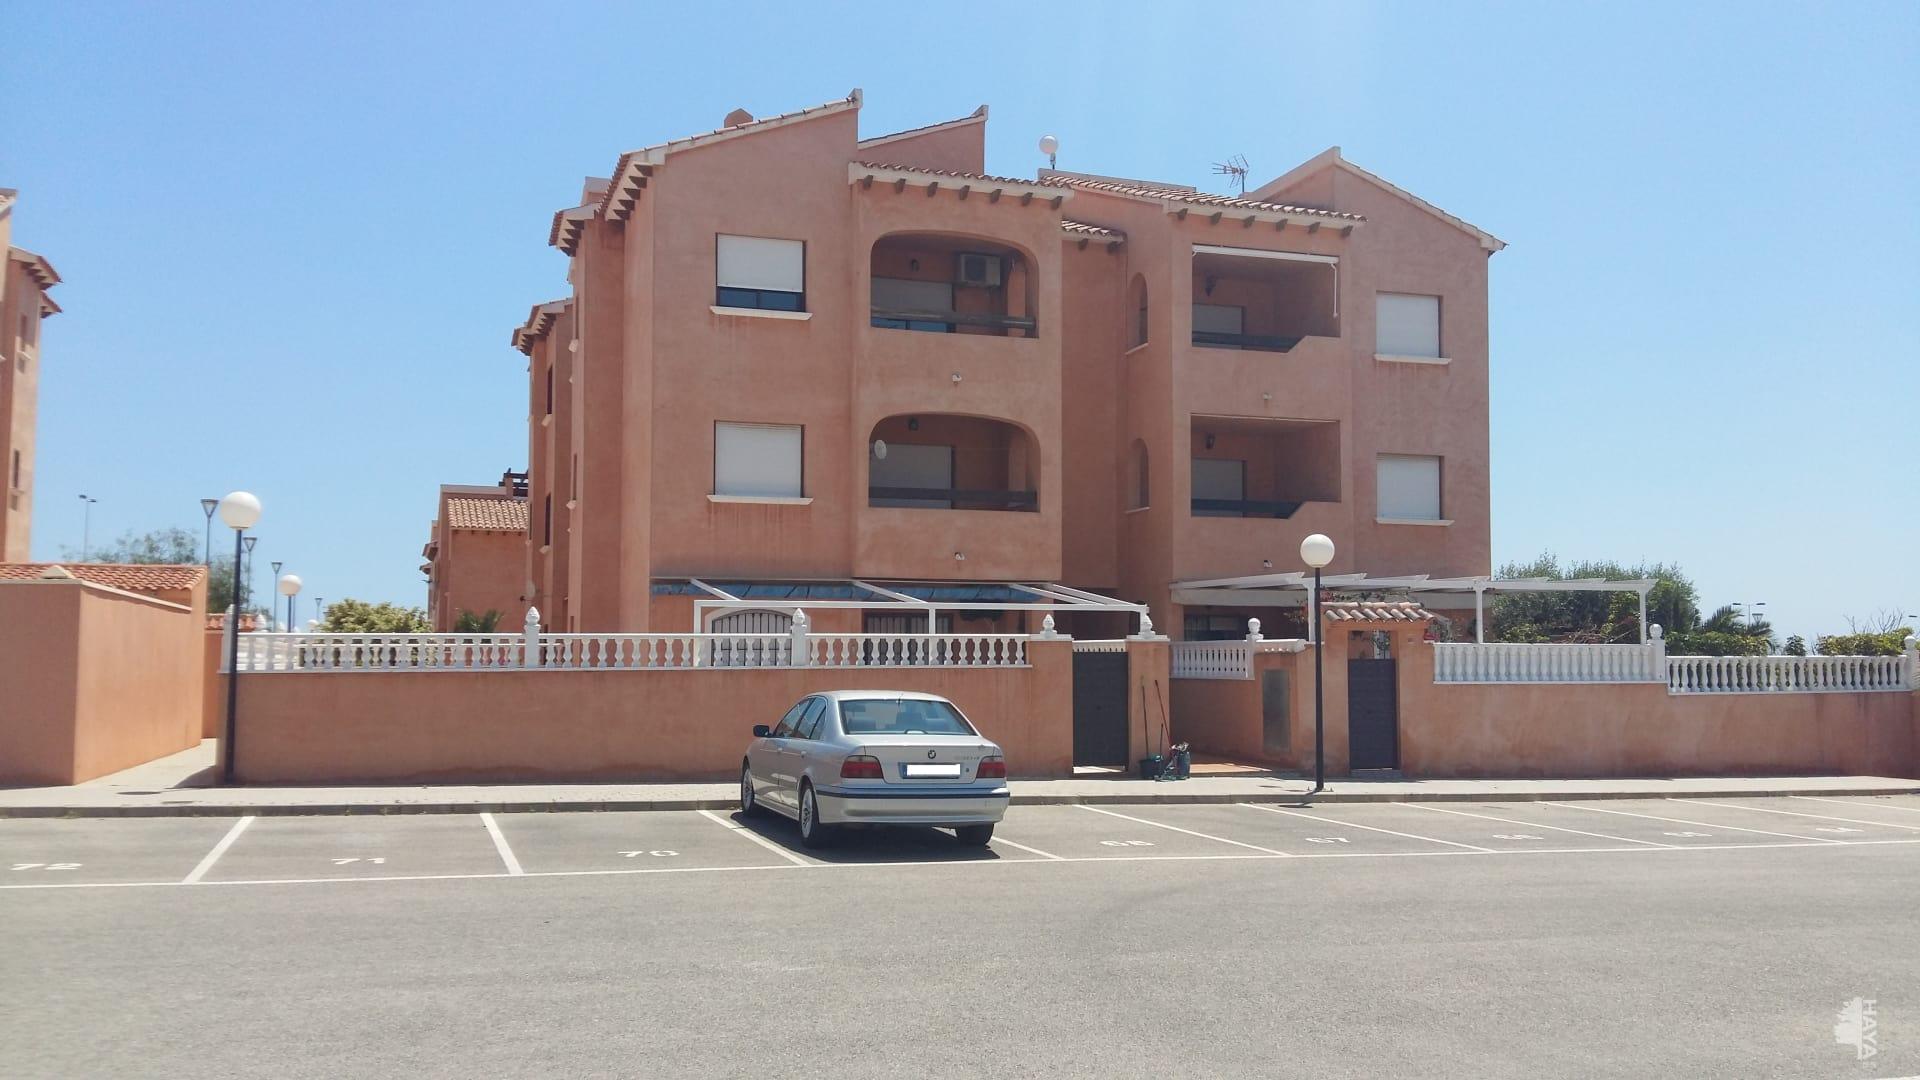 Piso en venta en Torrevieja, Alicante, Urbanización Altos del Sol Ii, 145.519 €, 2 habitaciones, 1 baño, 75 m2